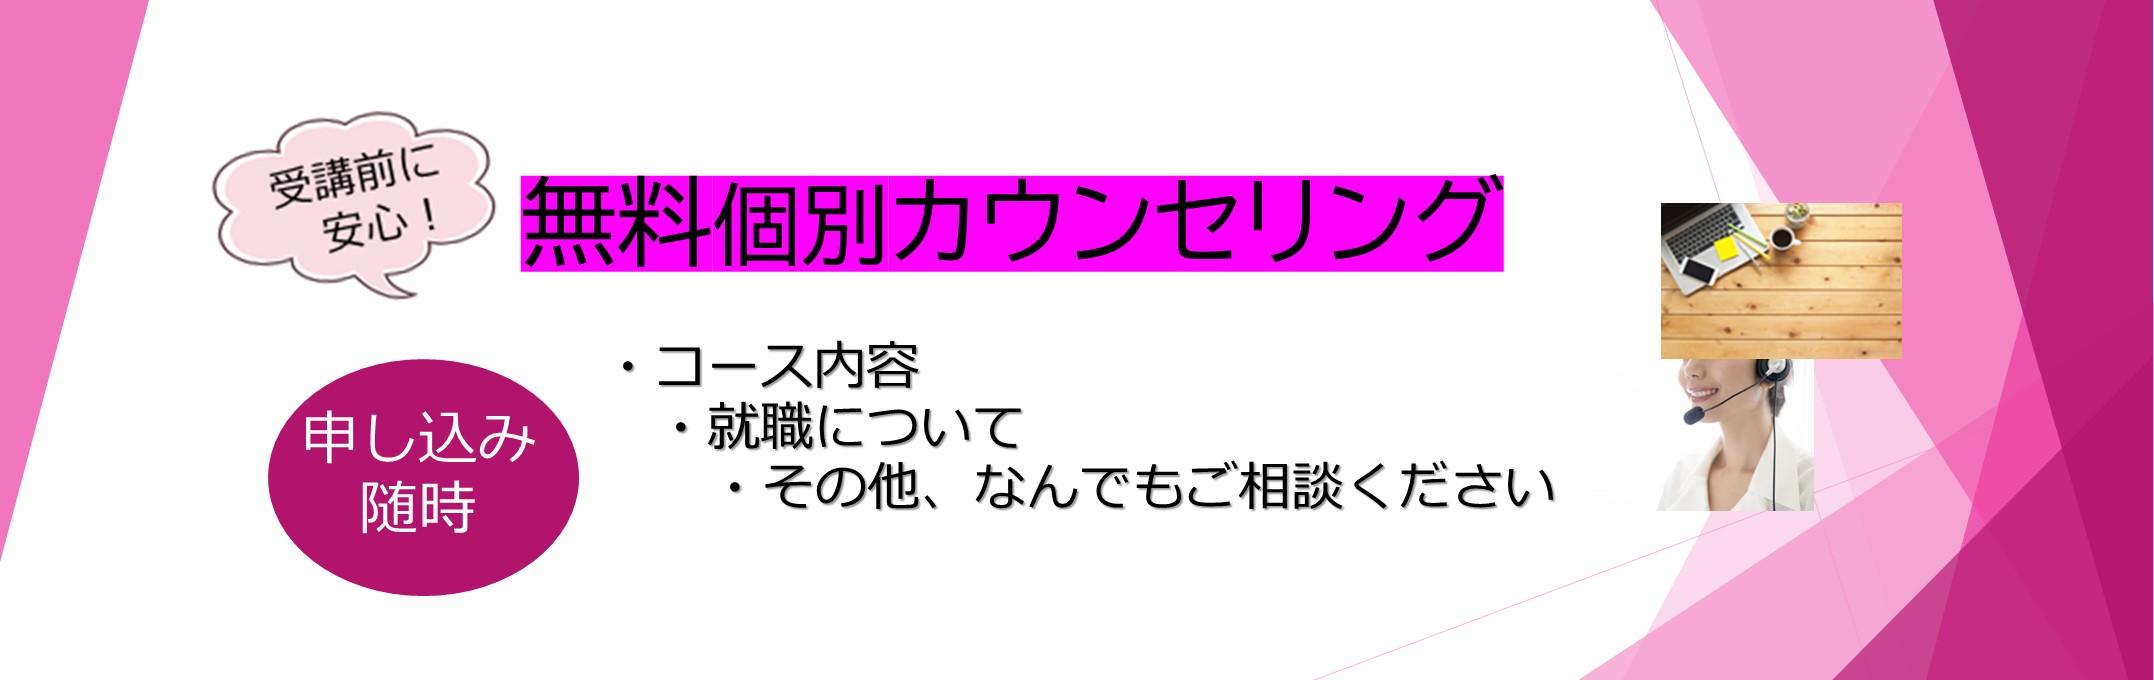 http://waseda-bk.org/yosei/setumeikai/